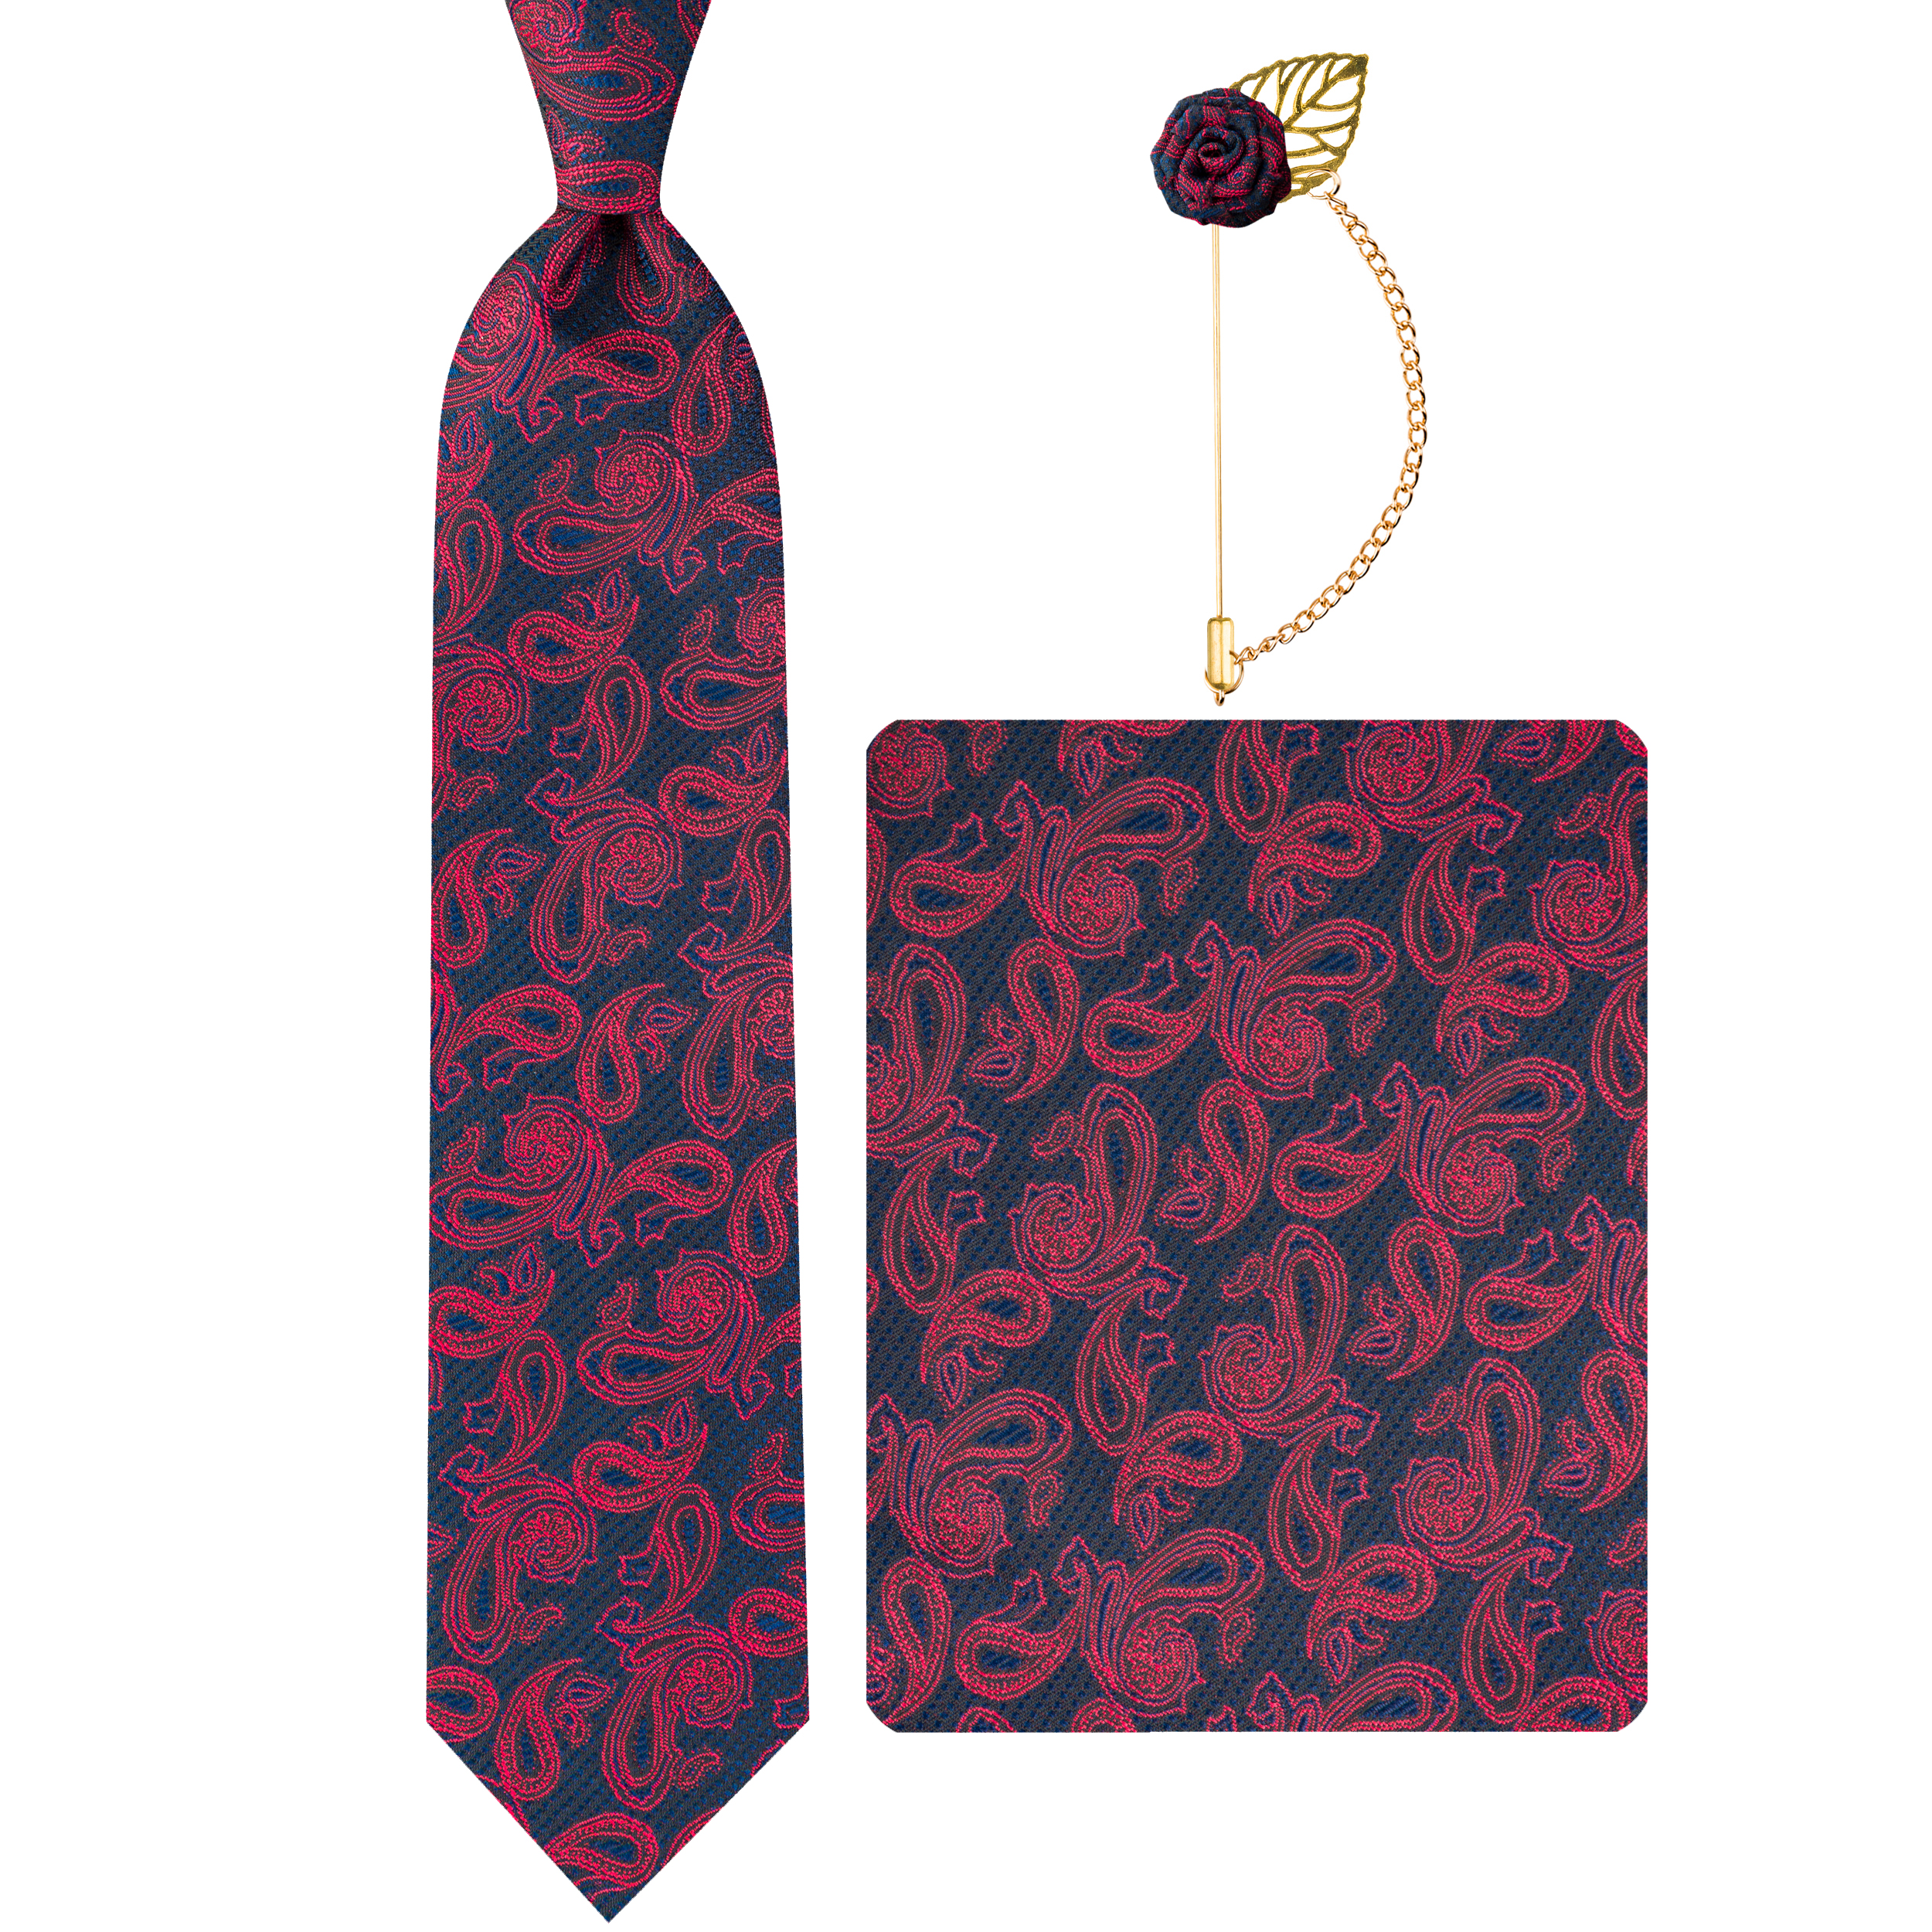 ست کراوات و دستمال جیب و گل یقه کت مردانه جیان فرانکو روسی مدل GF-PA978-BE